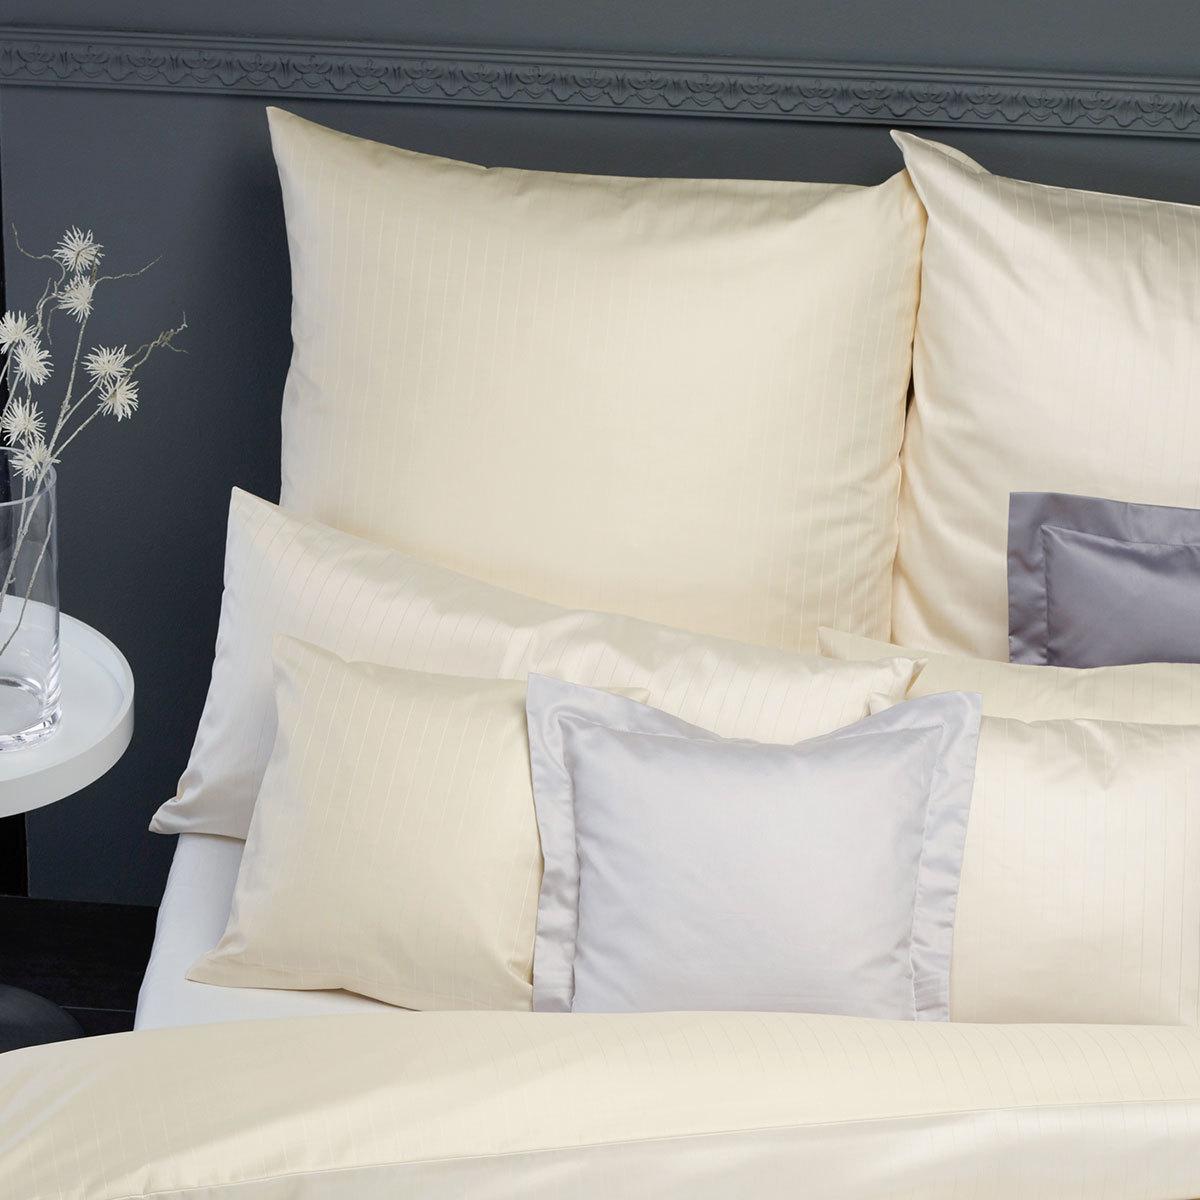 curt bauer damast bettw sche ferrara stroh g nstig online kaufen bei bettwaren shop. Black Bedroom Furniture Sets. Home Design Ideas